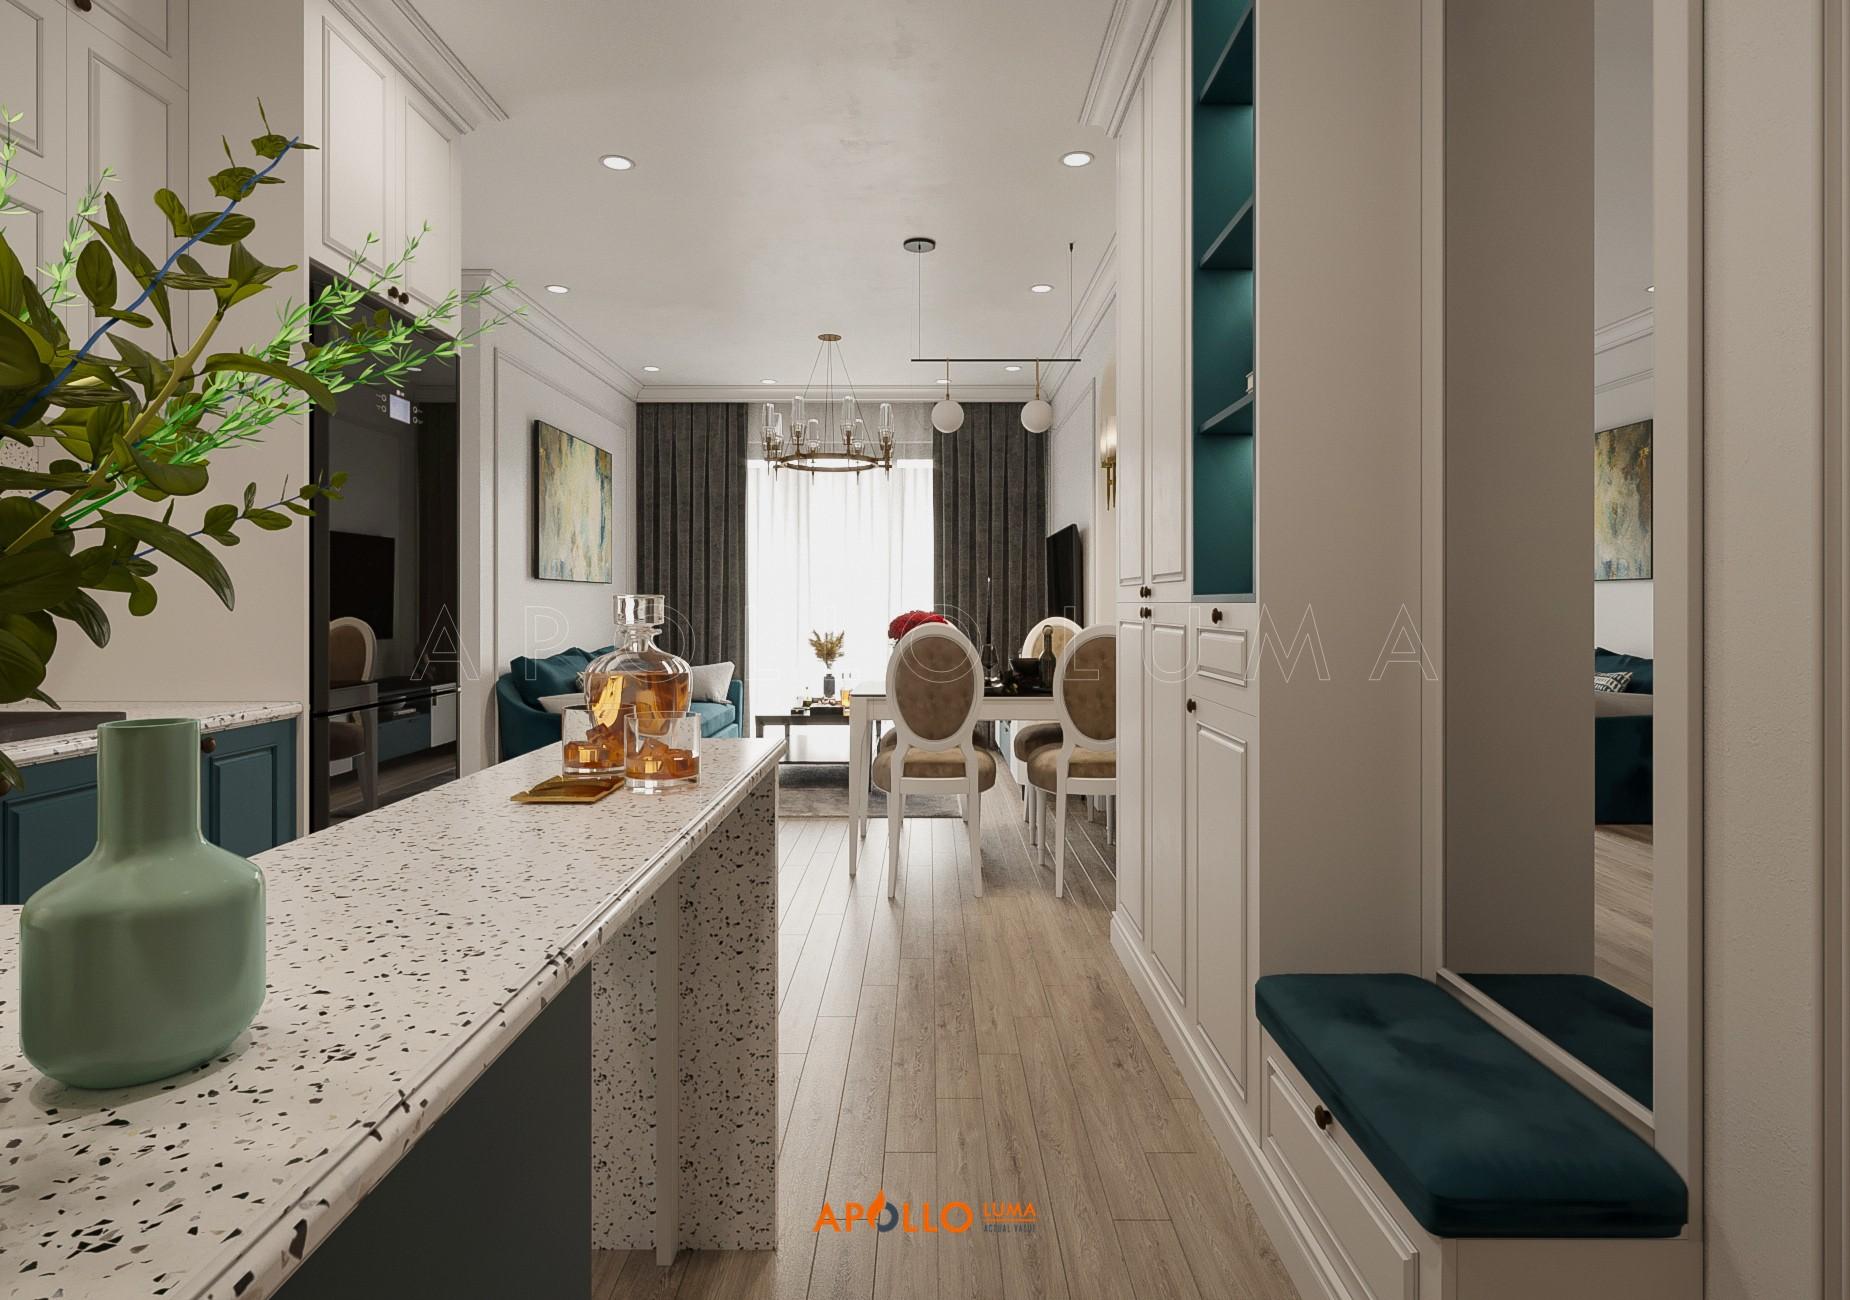 Thiết kế nội thất căn hộ 3 phòng ngủ Vinhomes Ocean Park phong cách tân cổ điển